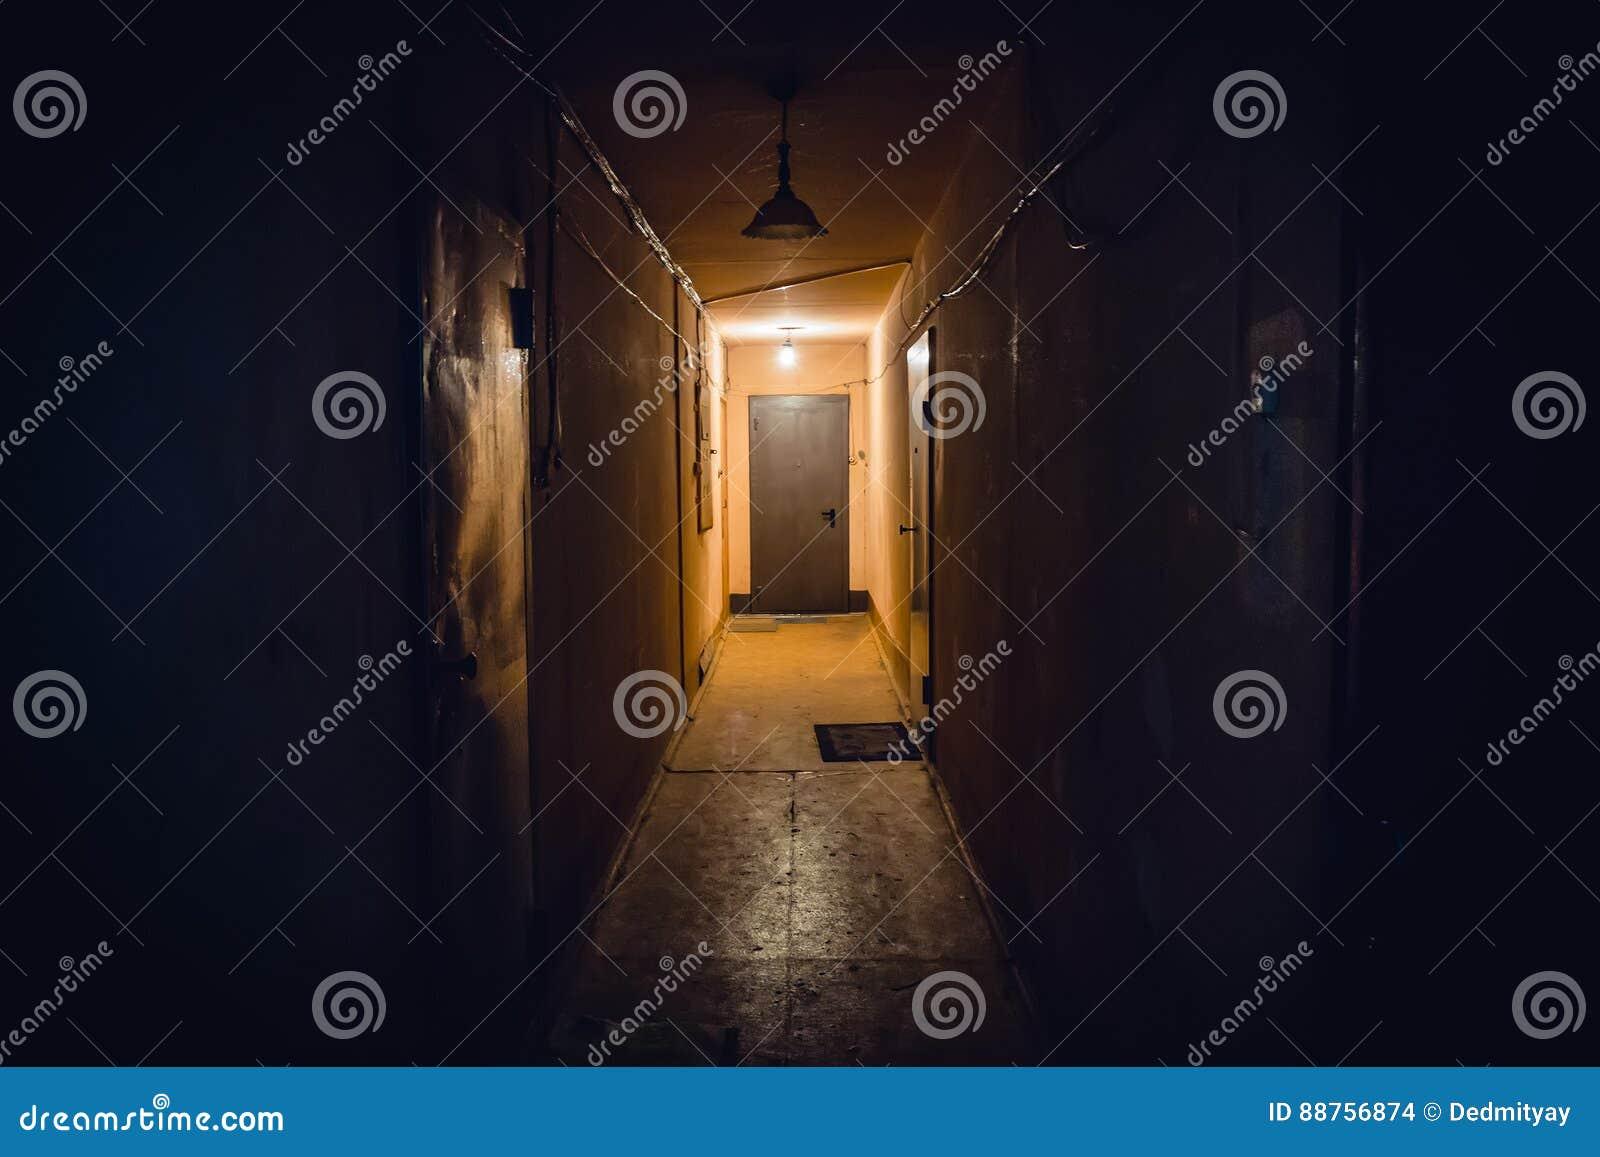 Couloir Sombre Vide Sale Dans L Immeuble Portes Lampes D